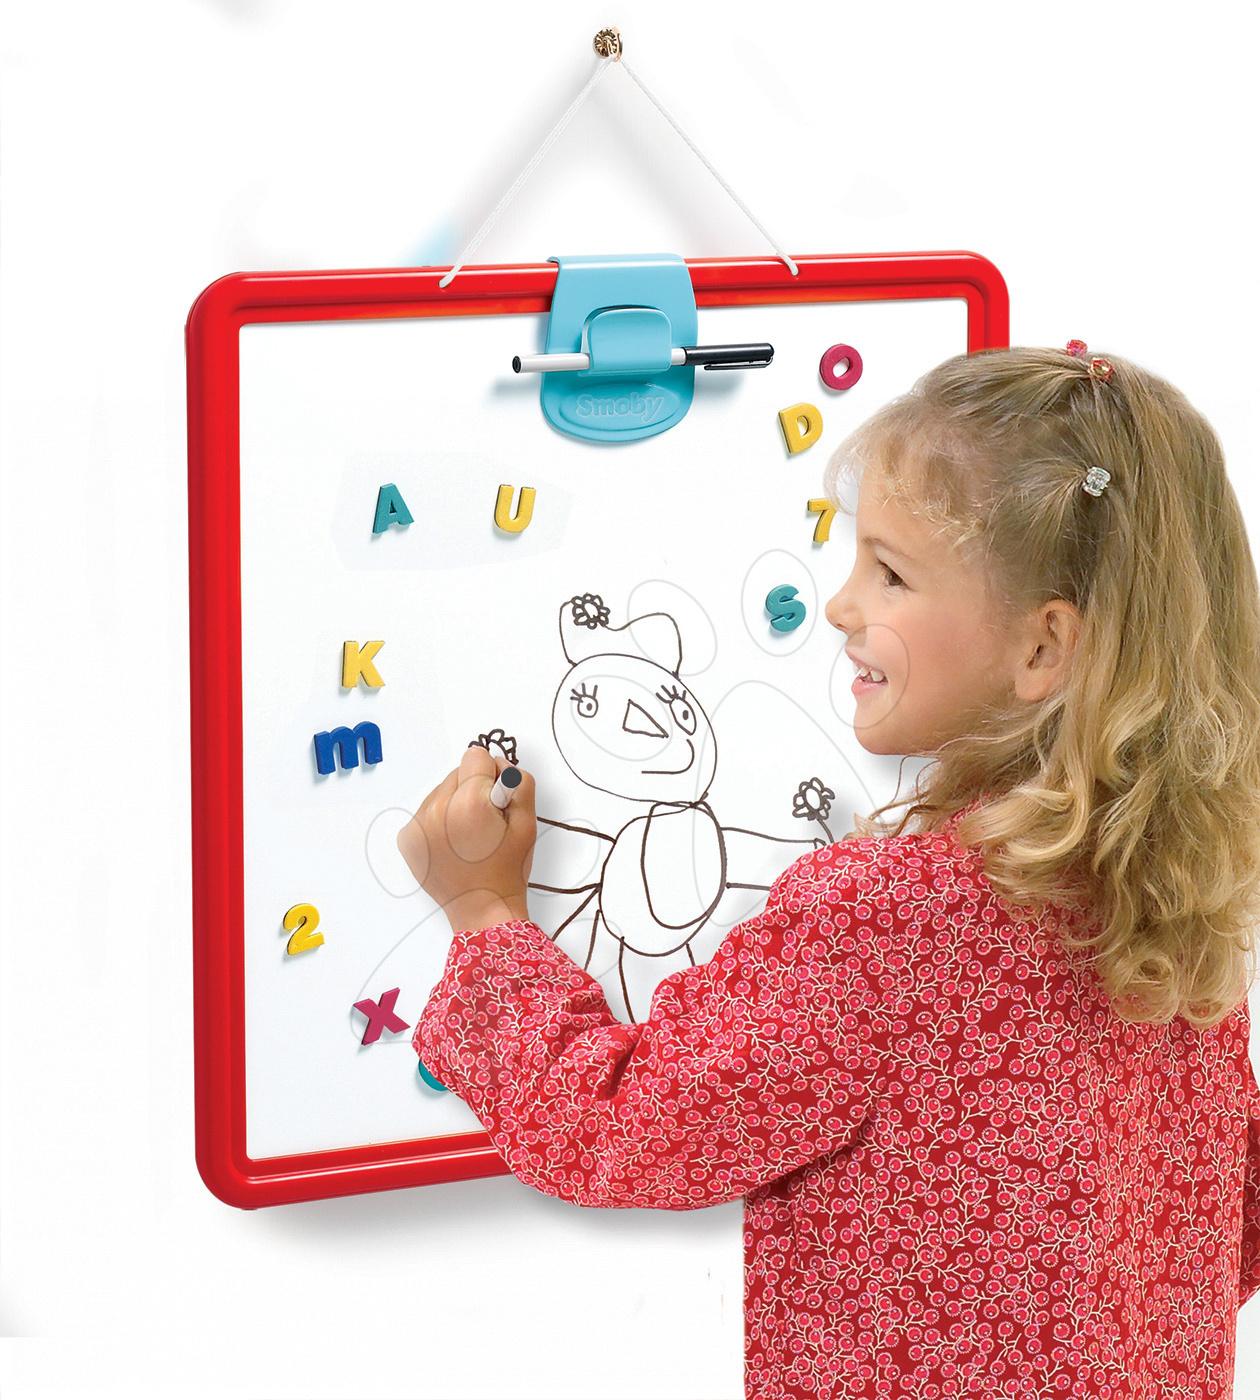 Tablă de învăţat și desenat pentru jocuri Smoby magnetică, cu două feţe, care se poate atârna, cu marker roşu